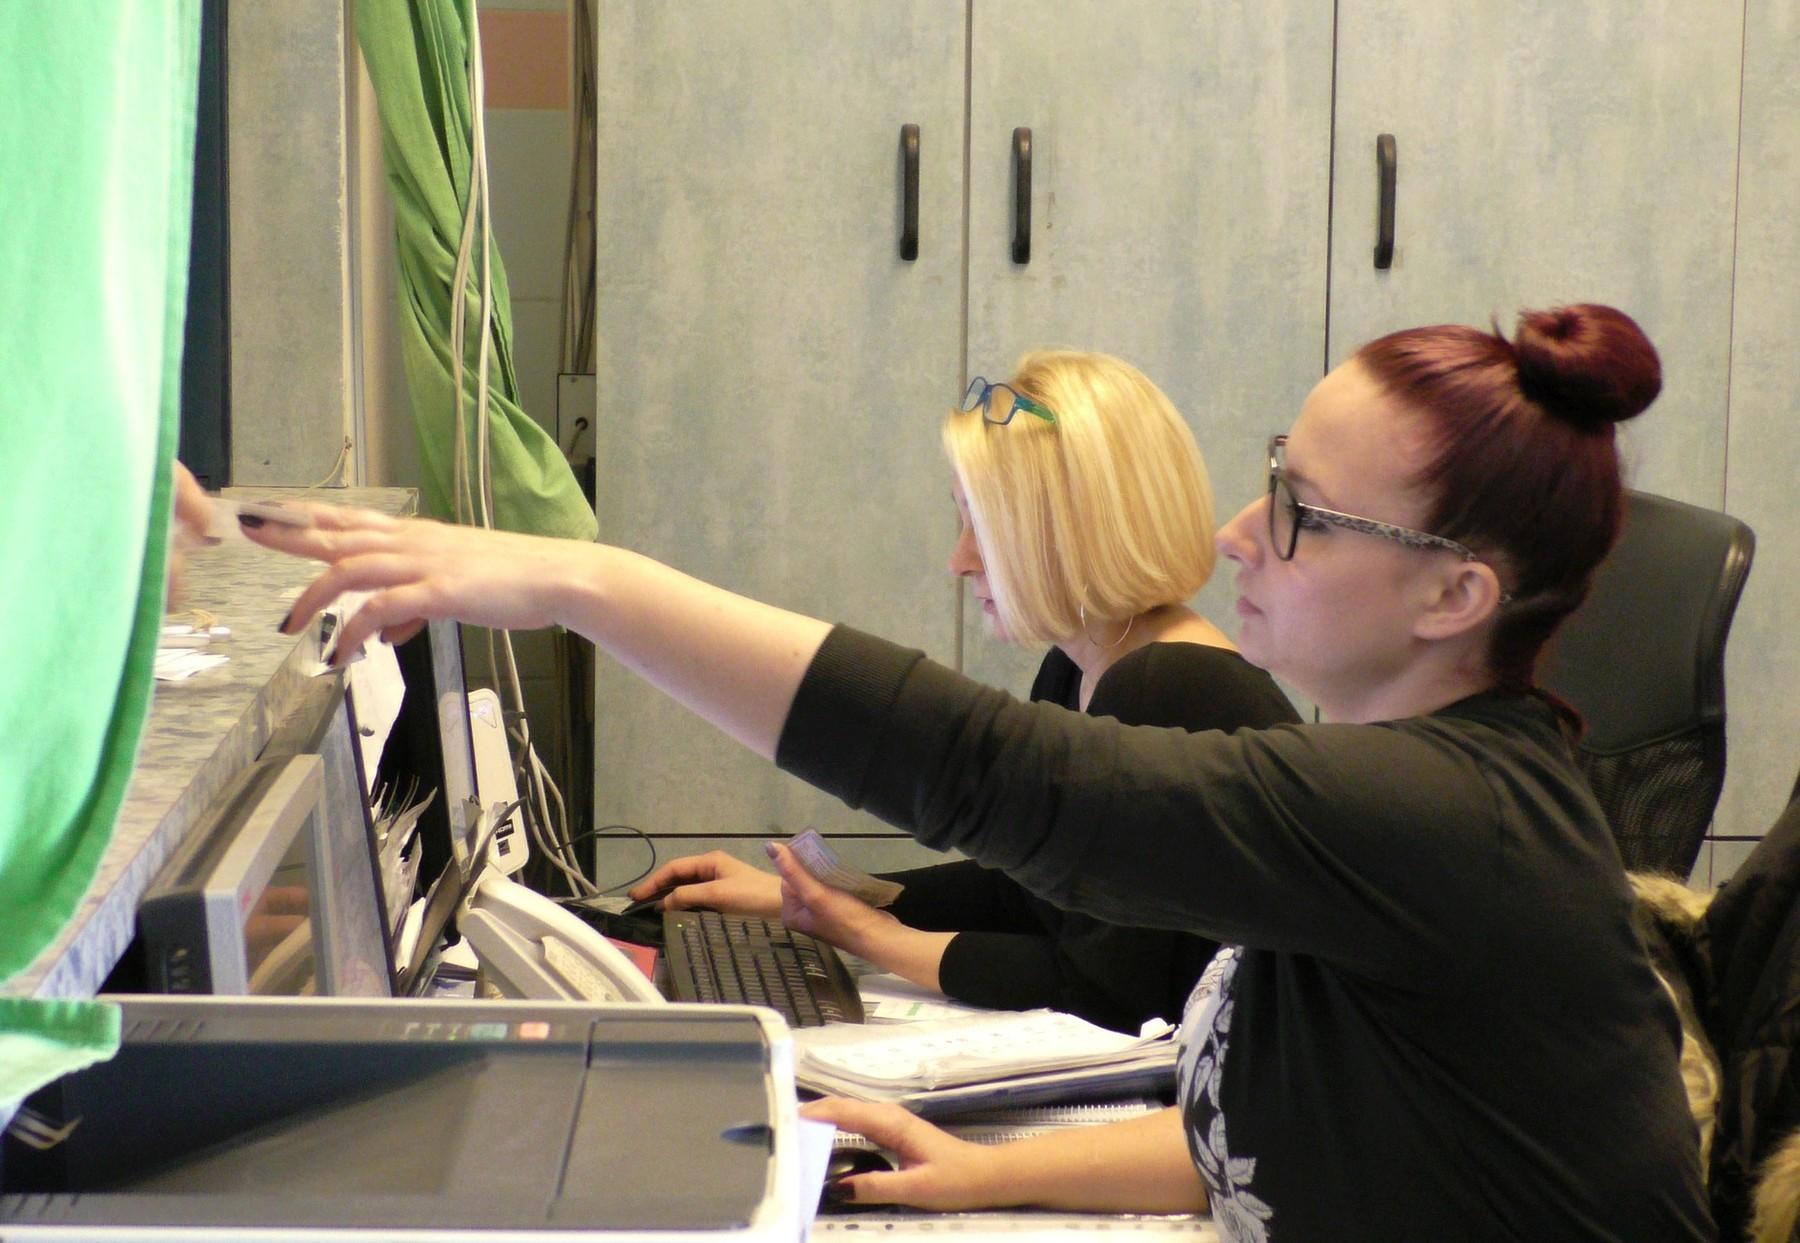 Rövidülnek az előjegyzési idők a Budaörsi Egészségügyi Központban